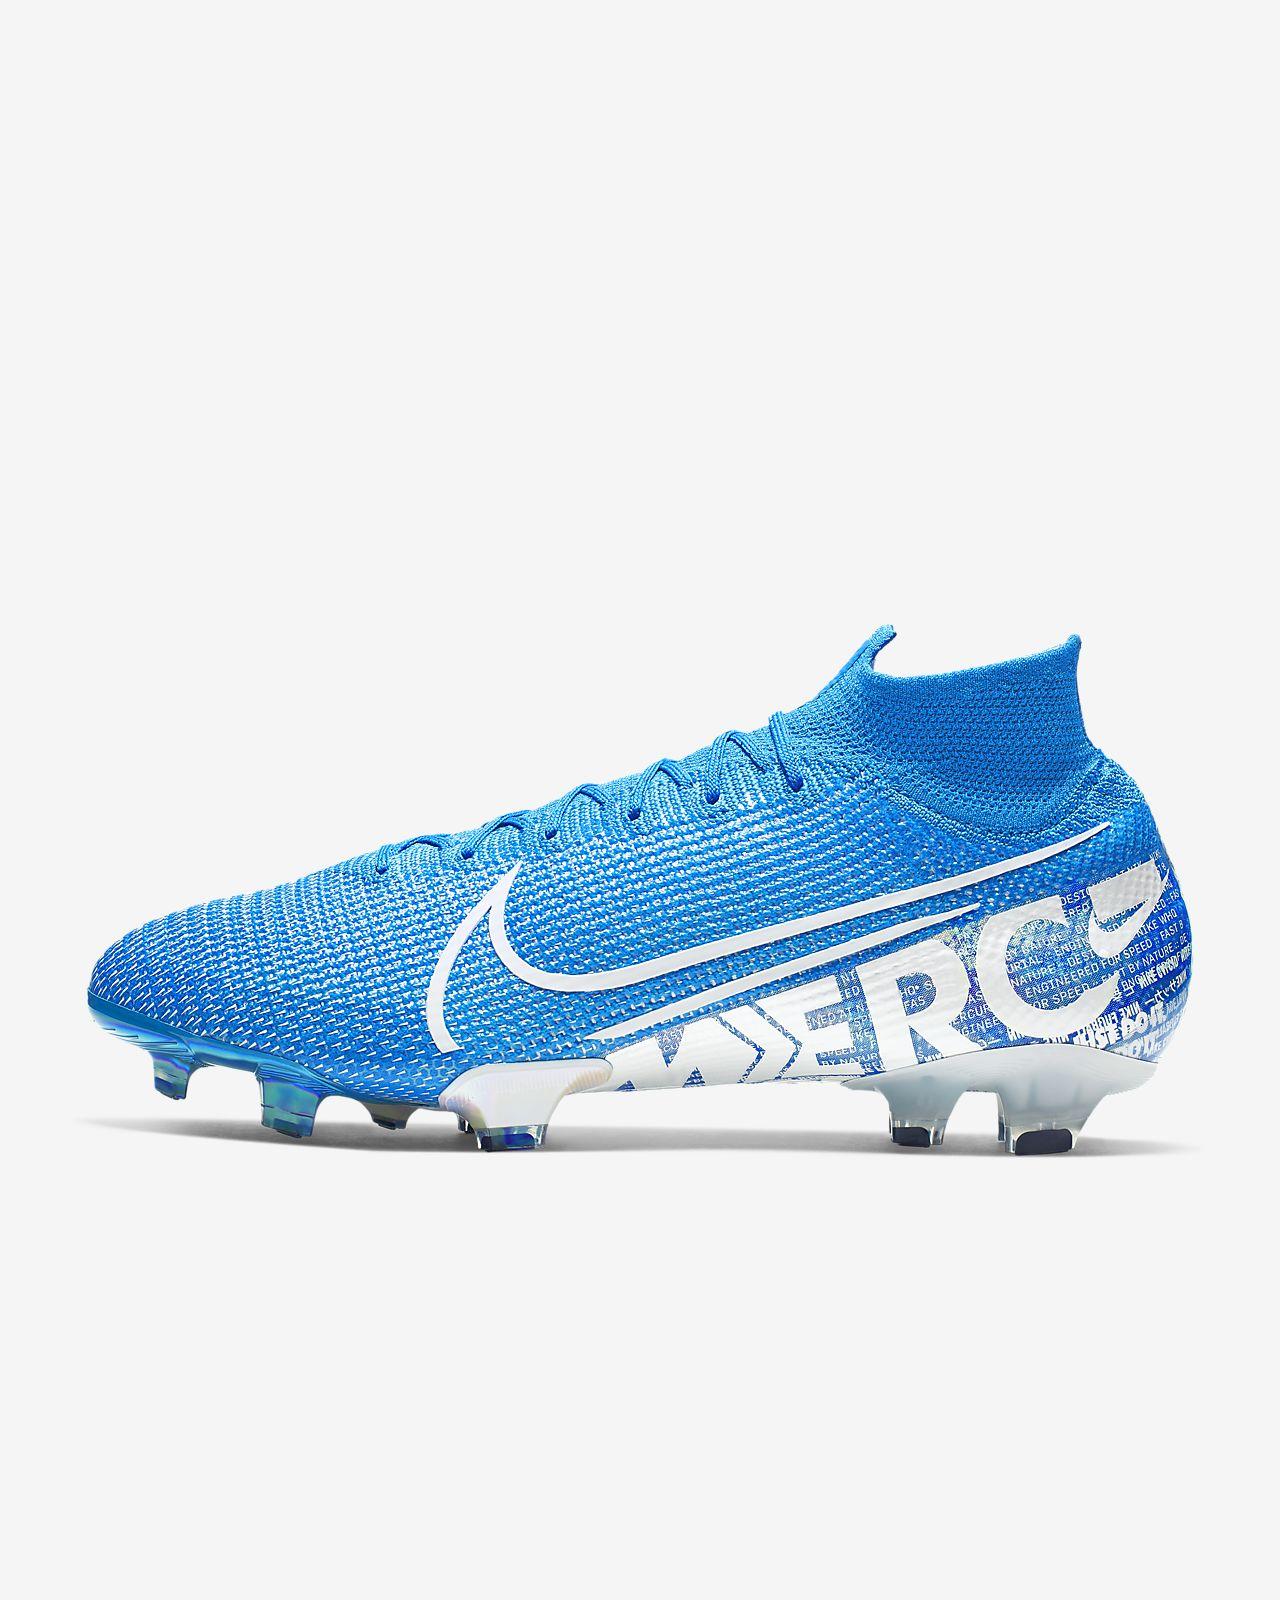 c4084d5642 Nike Mercurial Superfly 7 Elite FG fotballsko til gress